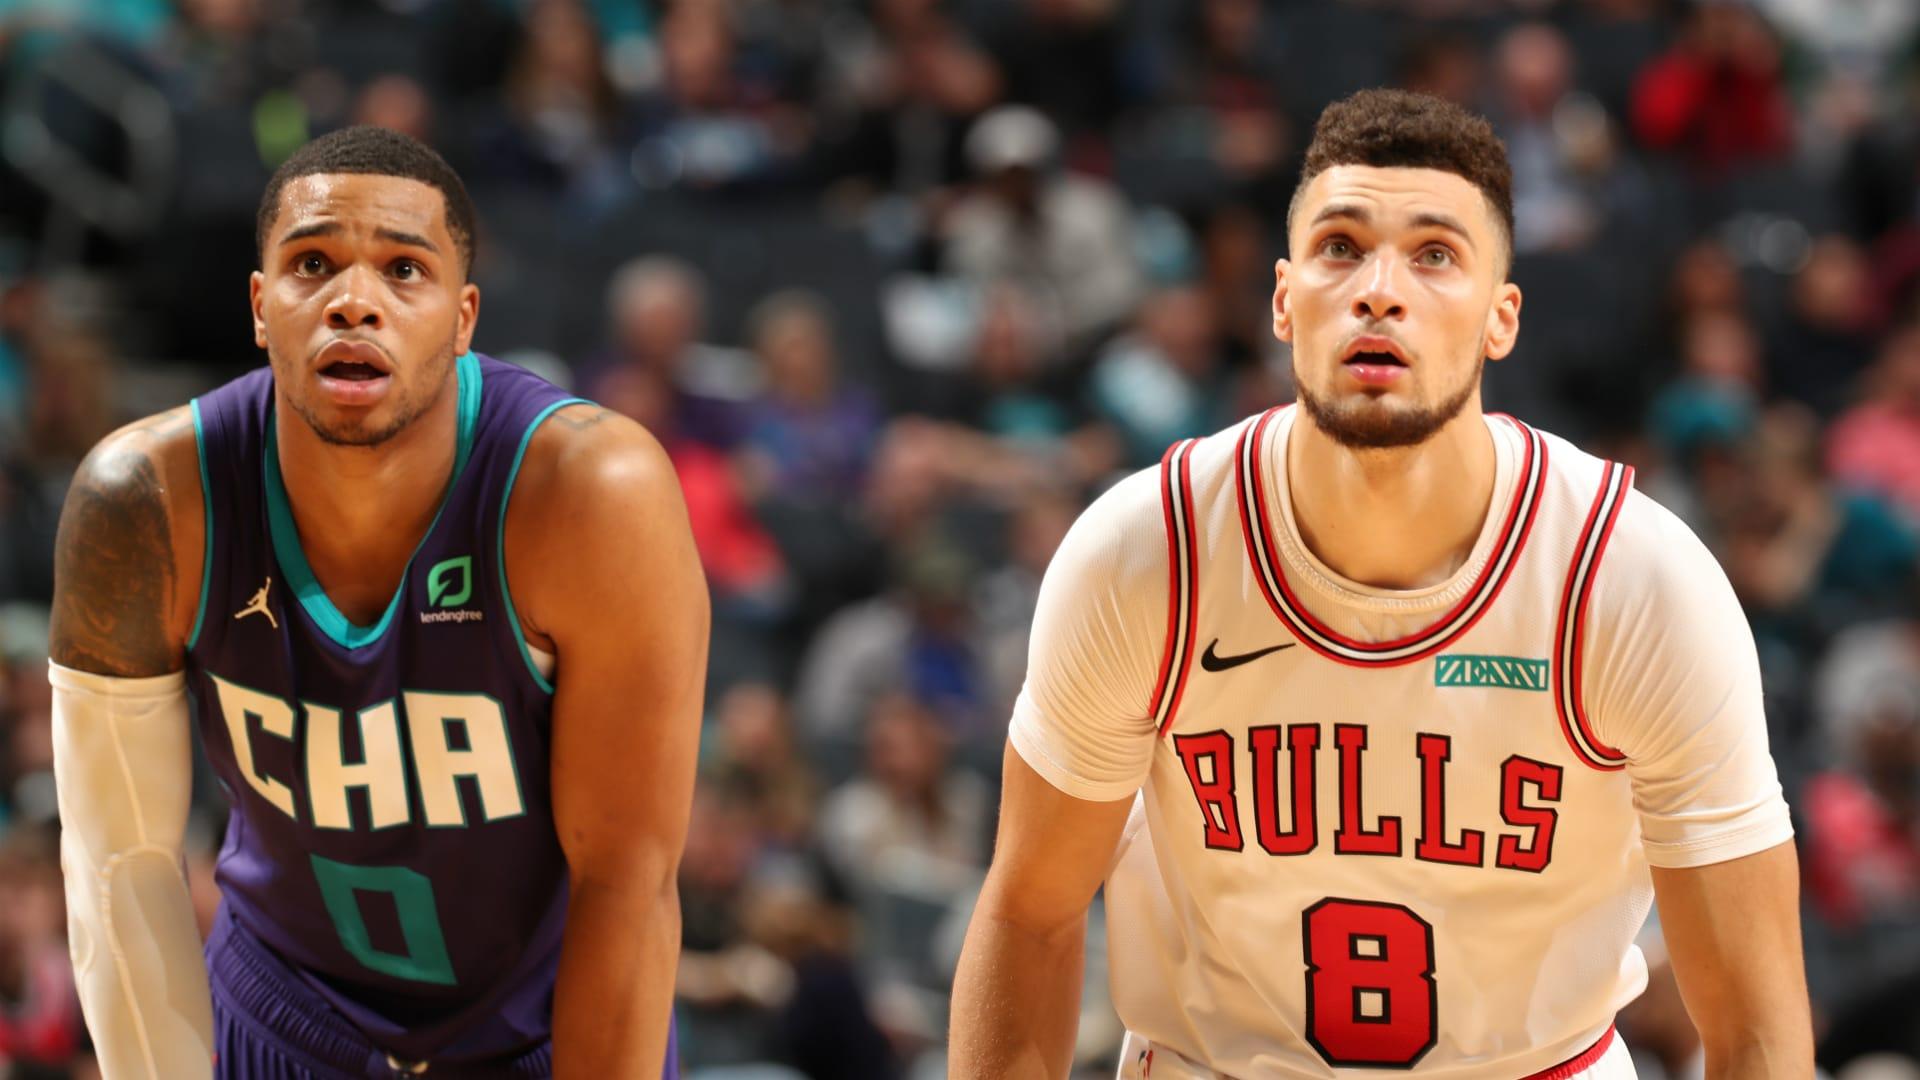 Bulls @ Hornets